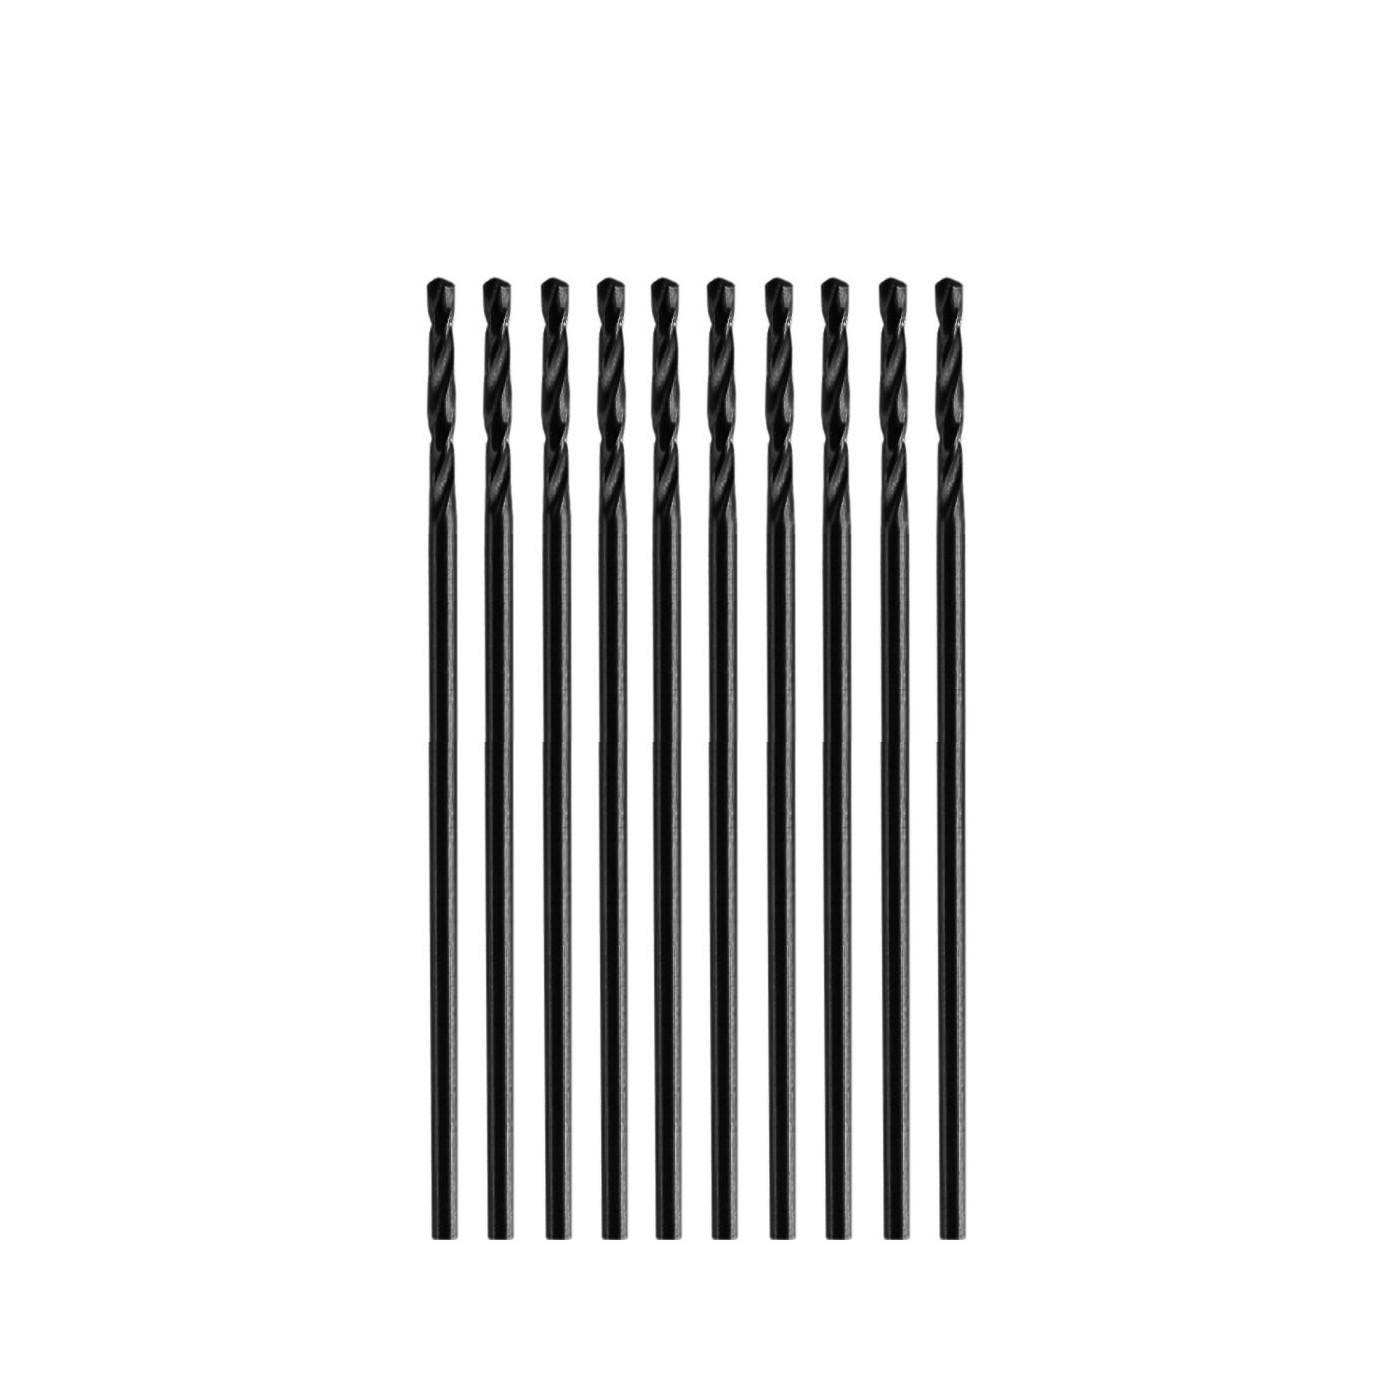 Zestaw 10 małych wierteł do metalu (1,5x40 mm, HSS-R)  - 1